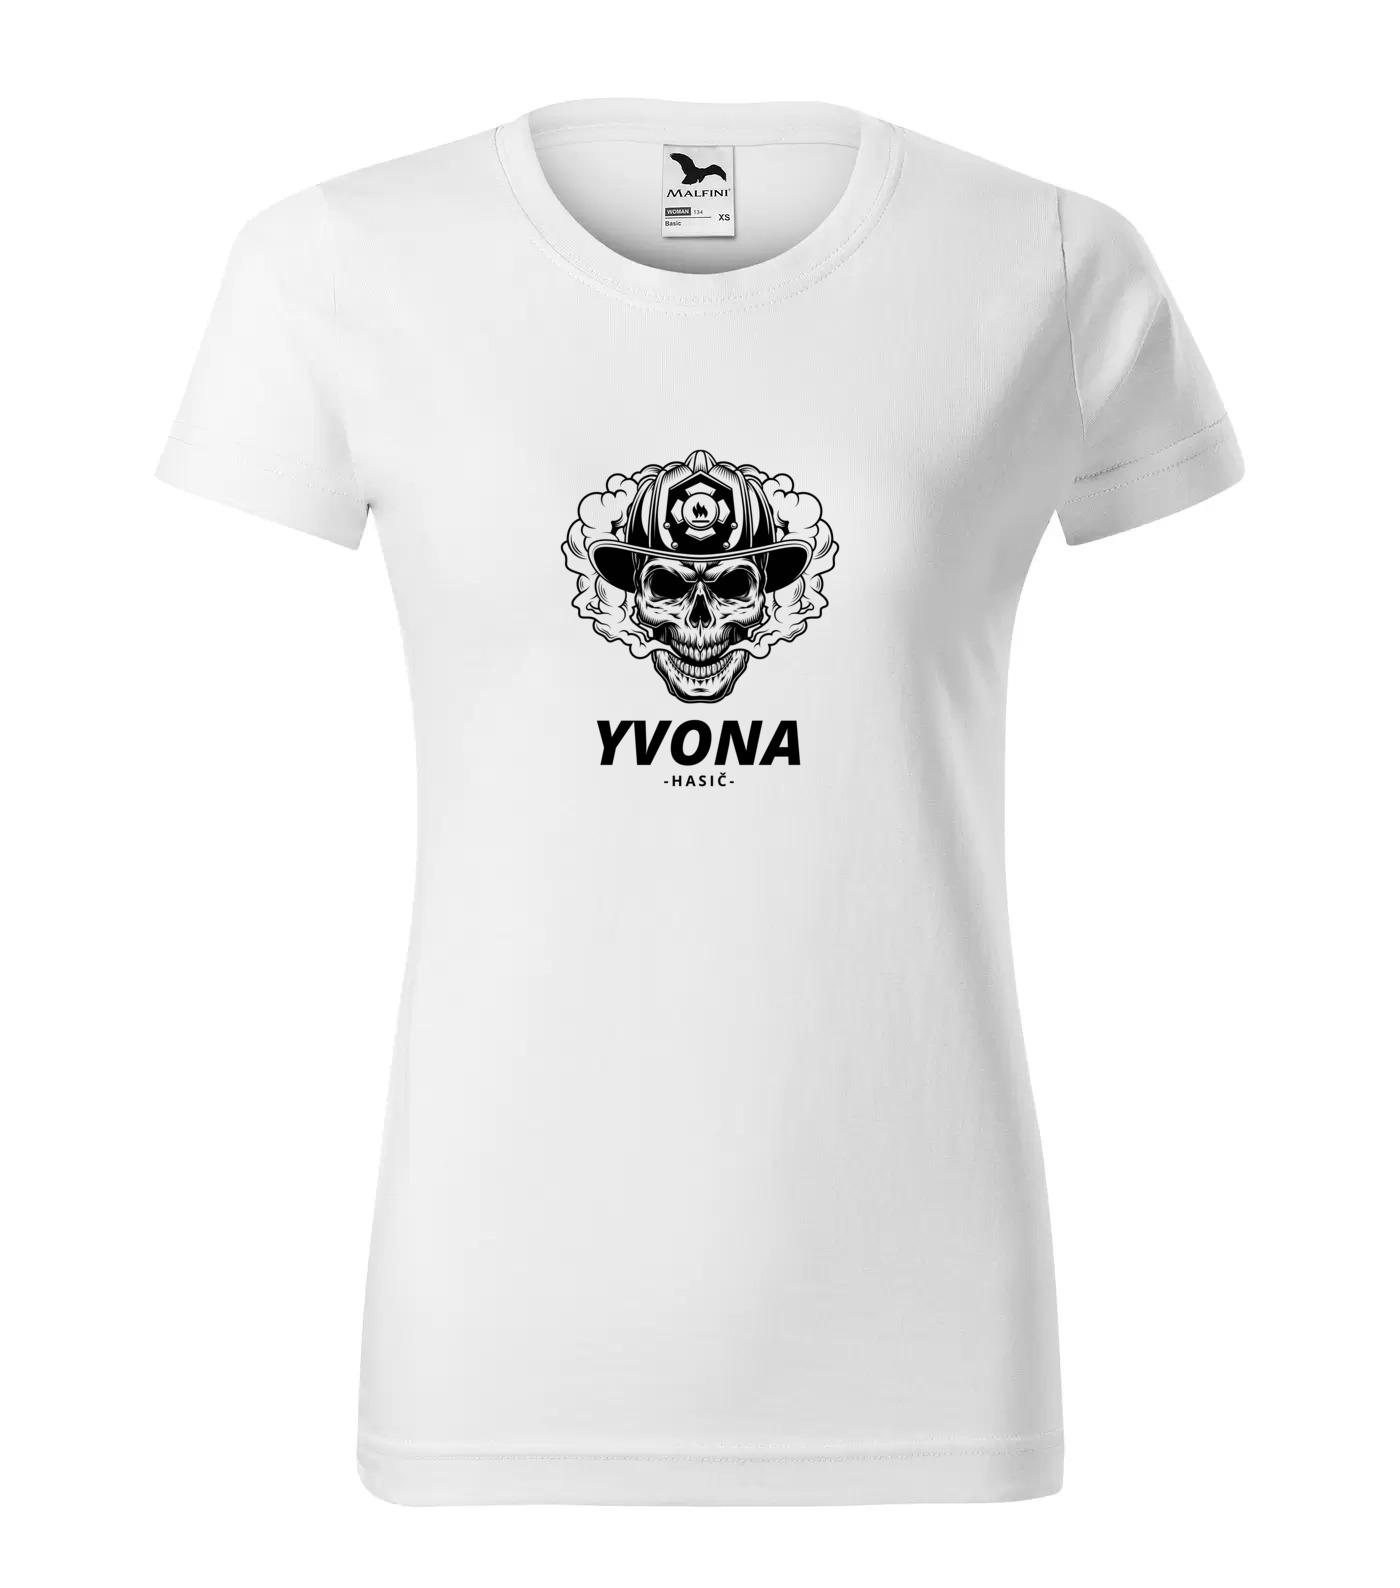 Tričko Hasič Yvona